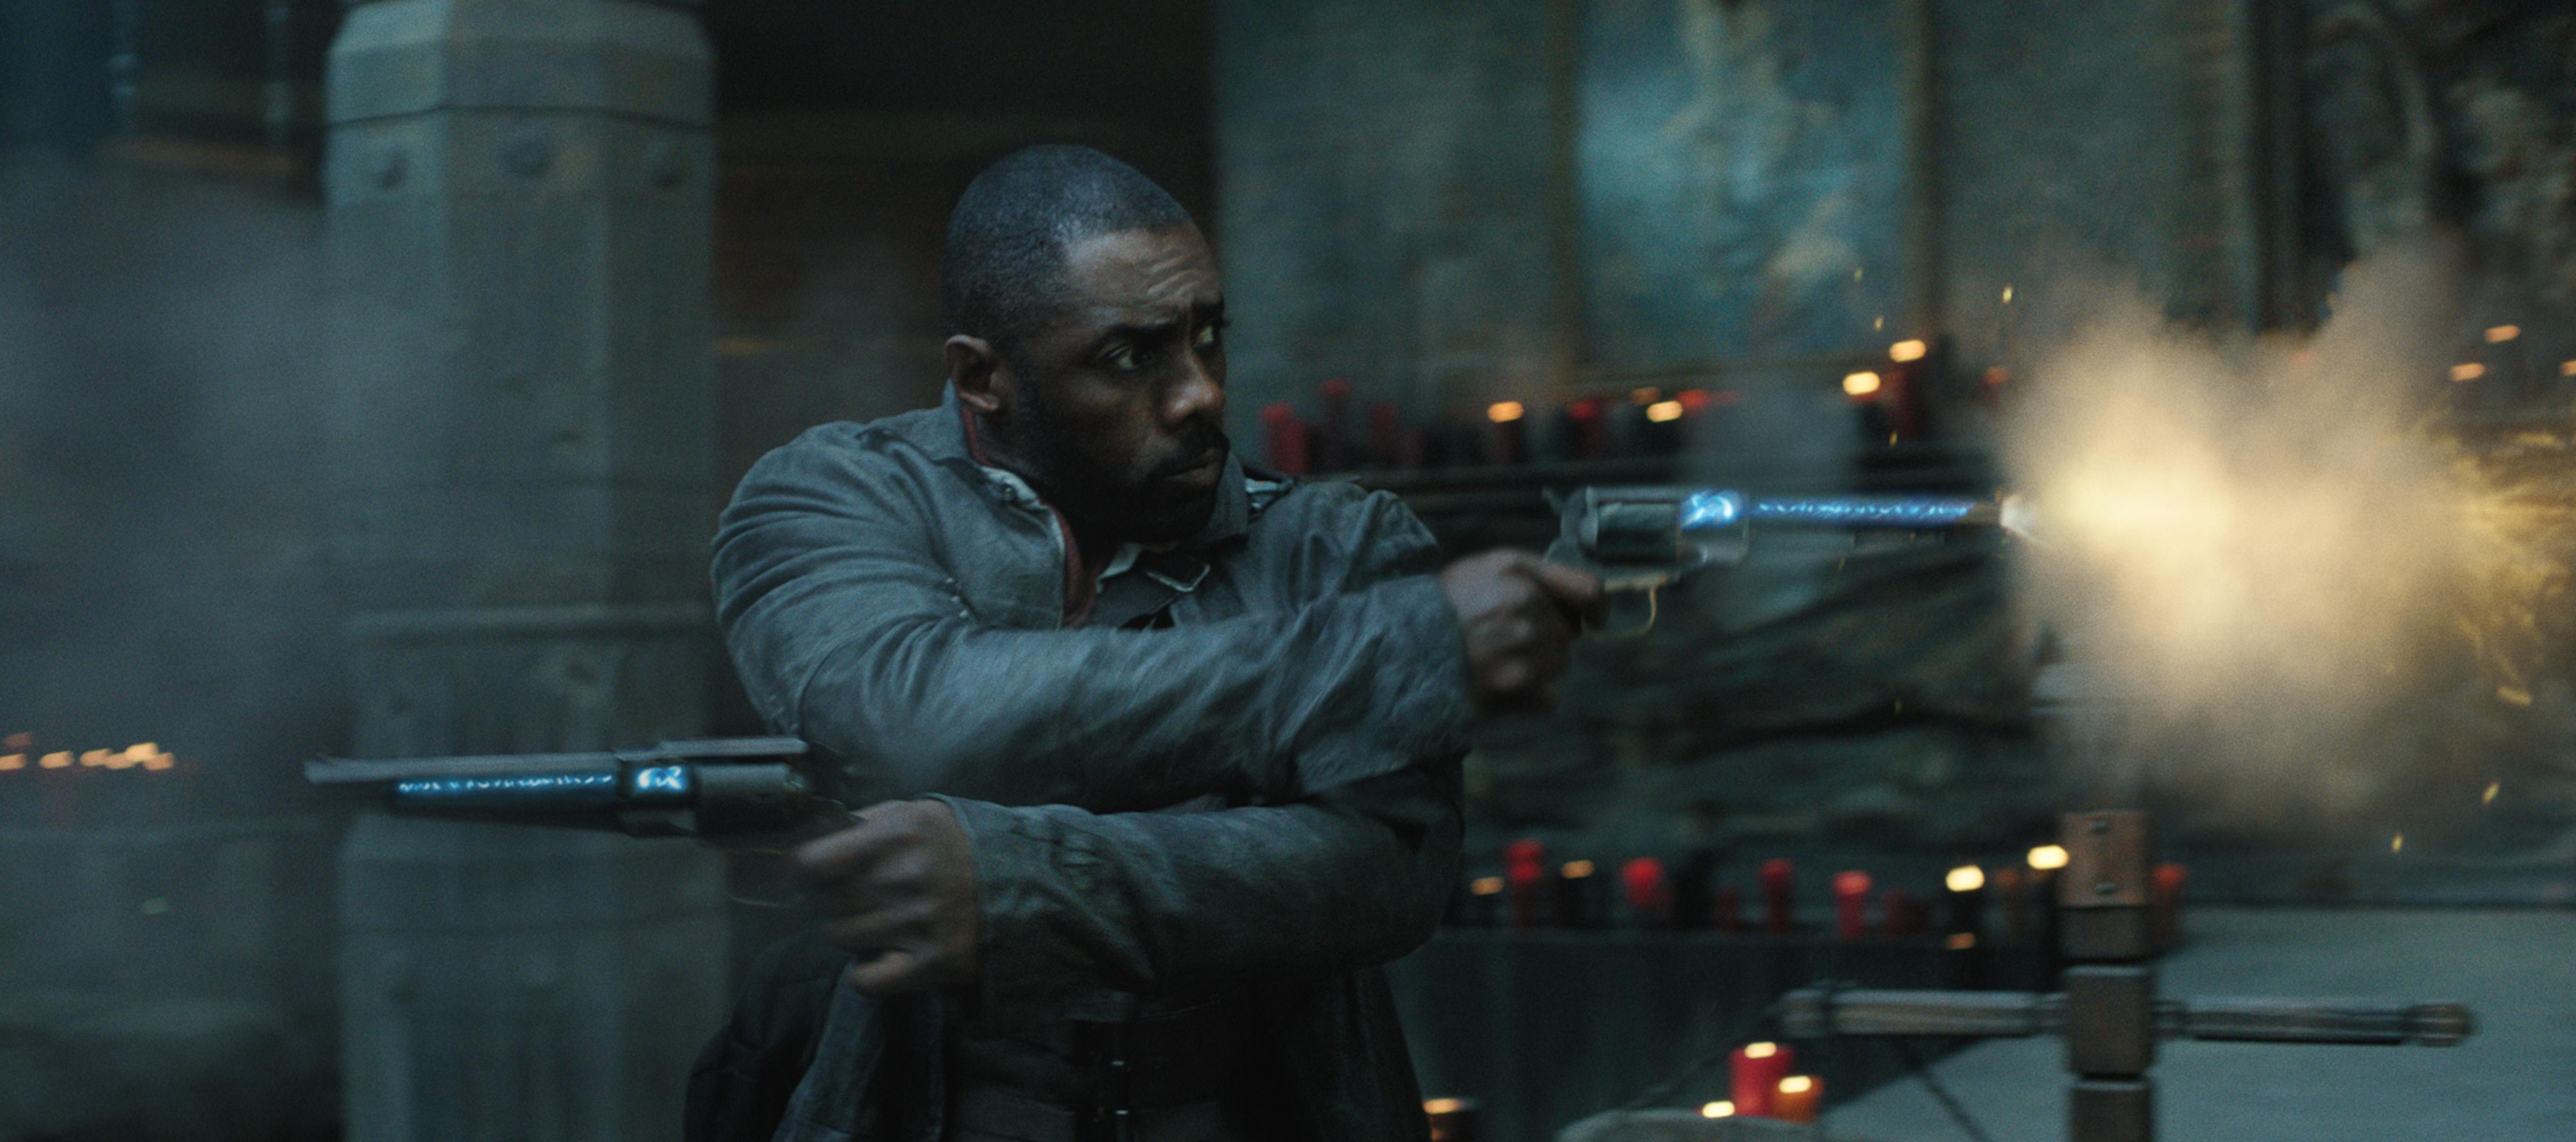 Roland (Idris Elba) dans LA TOUR SOMBRE (v.f. de The Dark Tower) de Columbia Pictures. Photo : Courtoisie de Sony Pictures